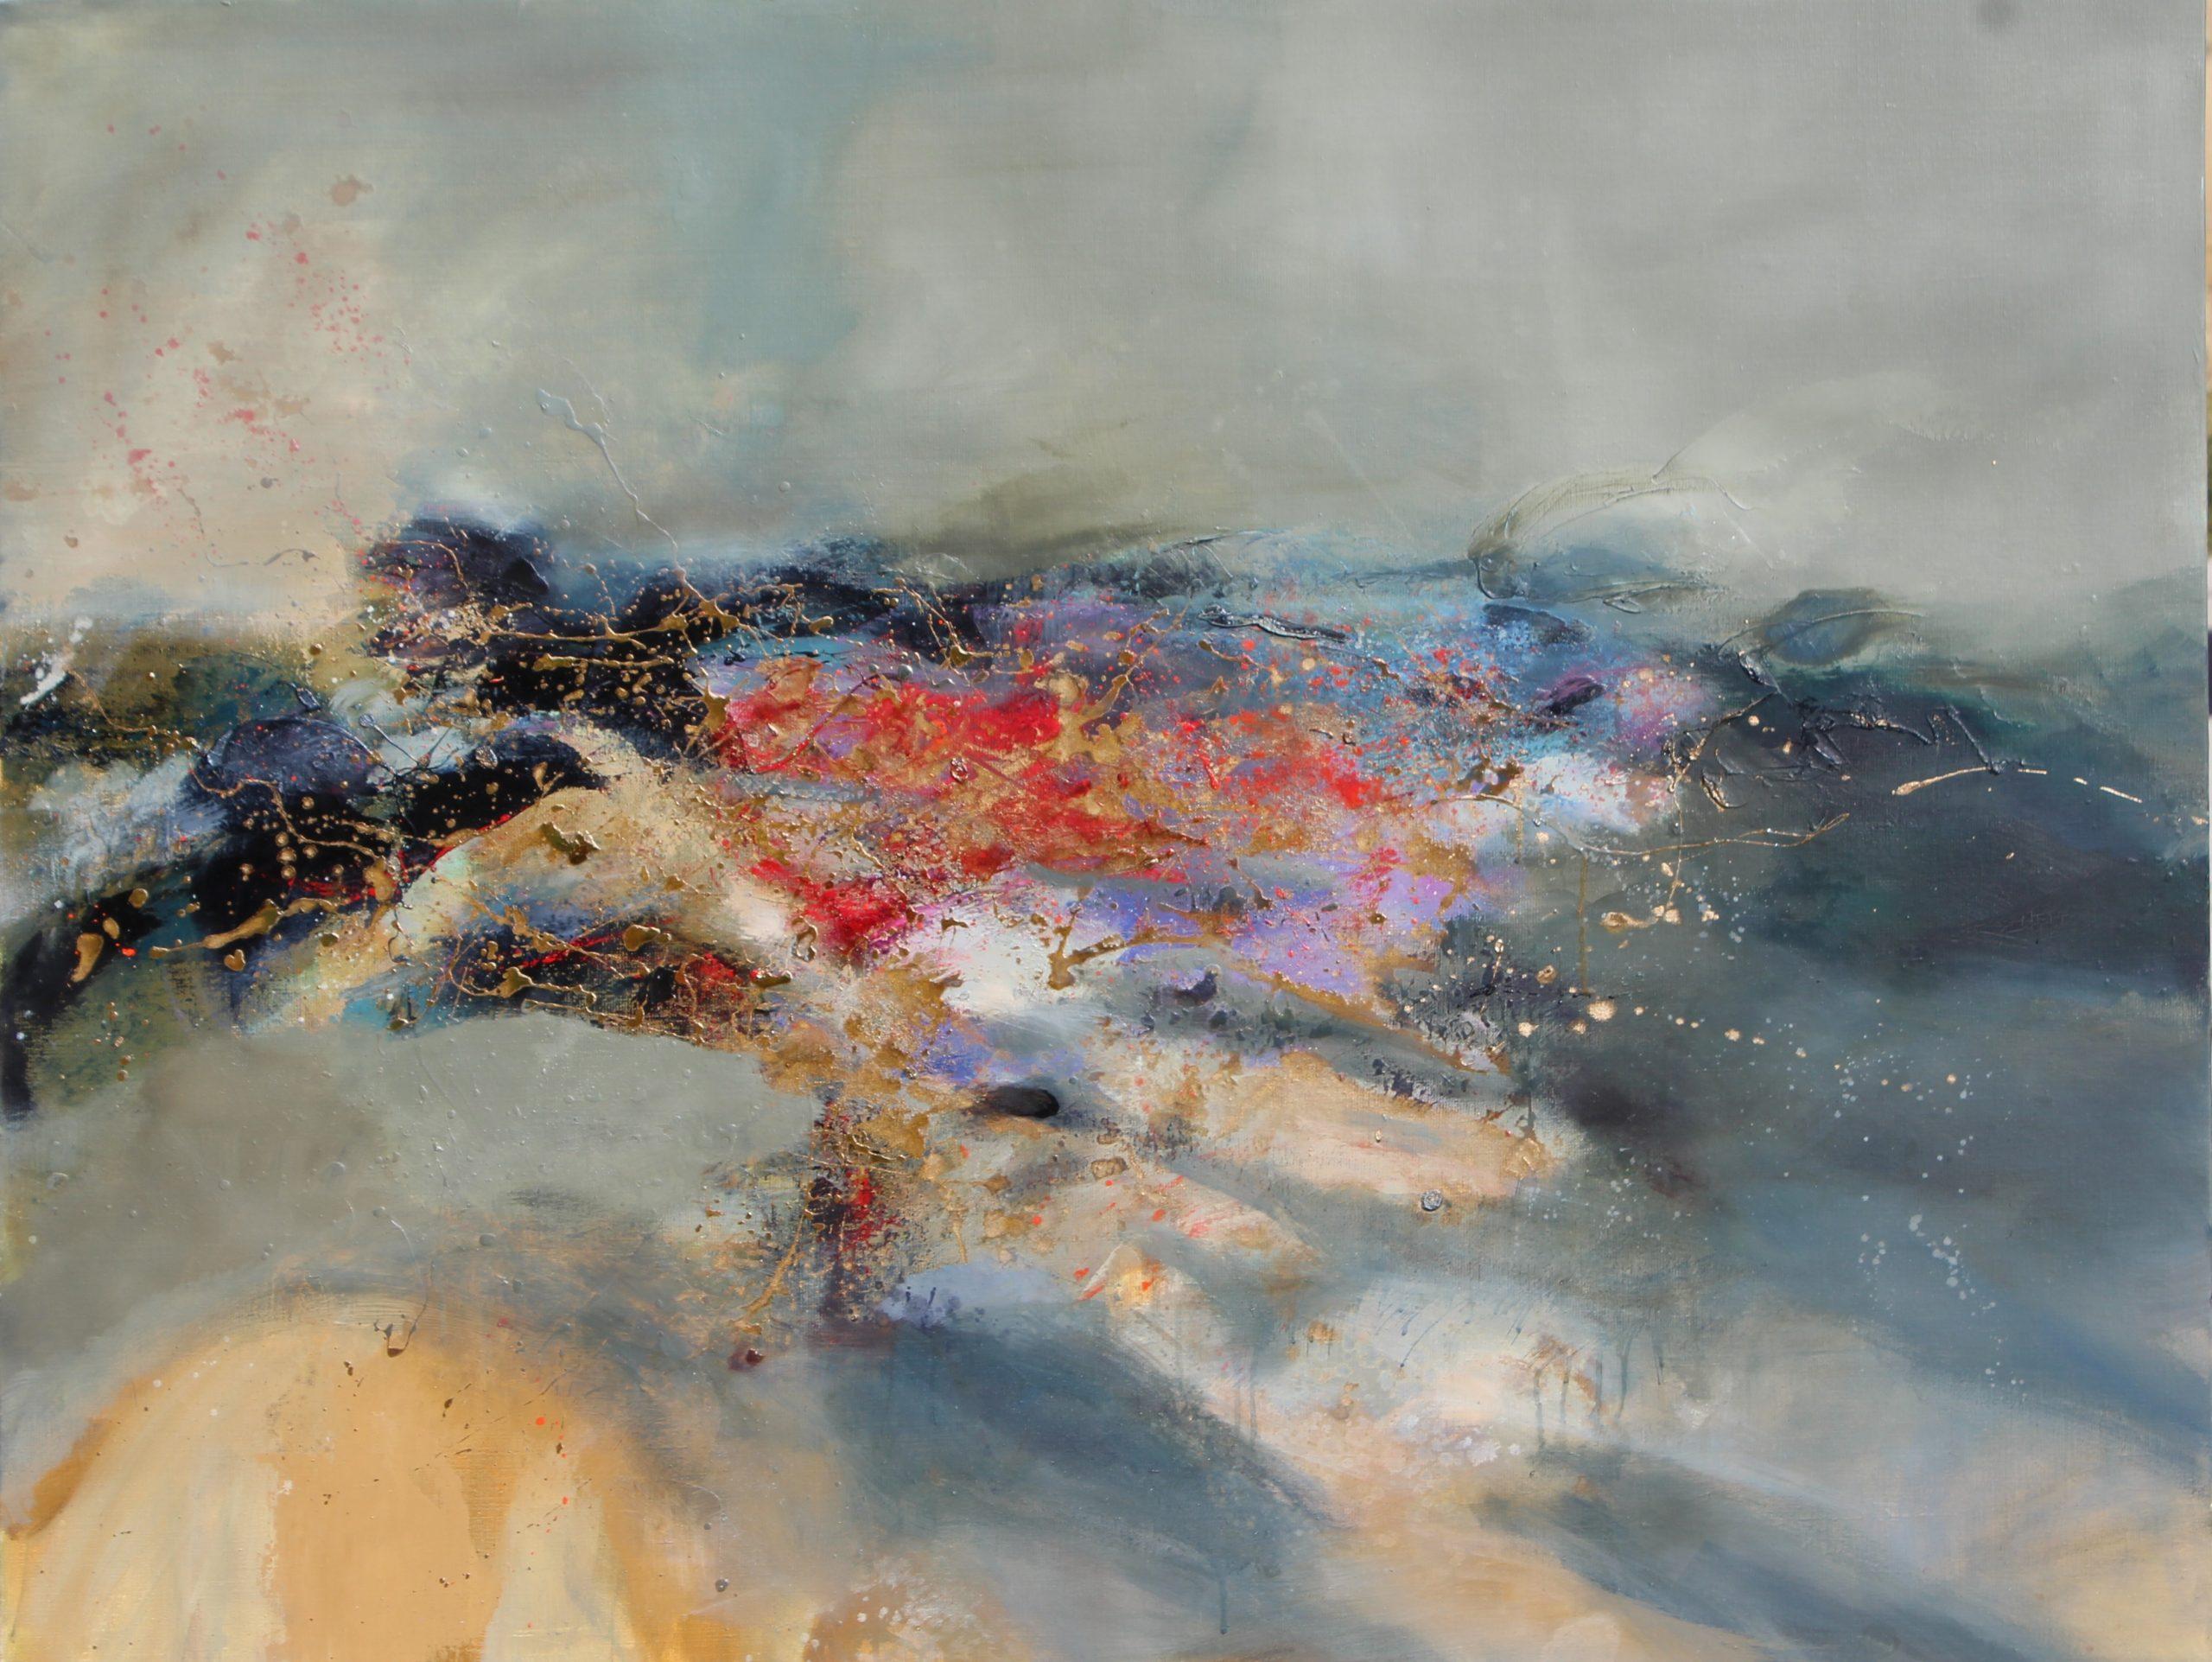 sans titre huile sur toile 116 x 92cm collection particulière